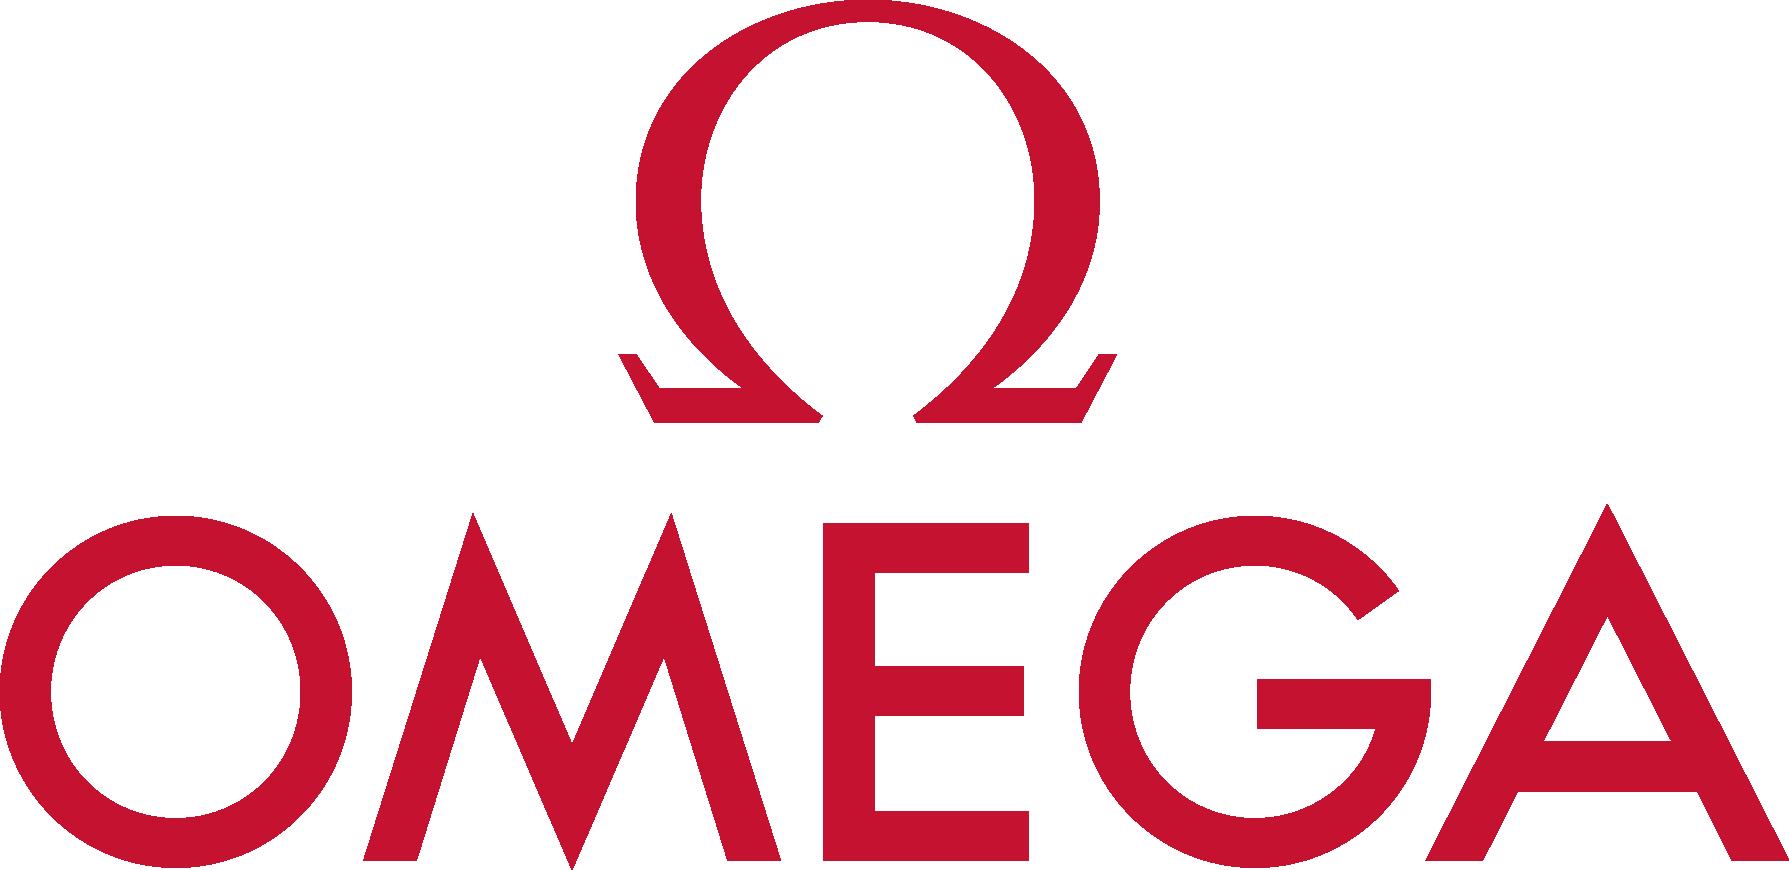 Omega_red